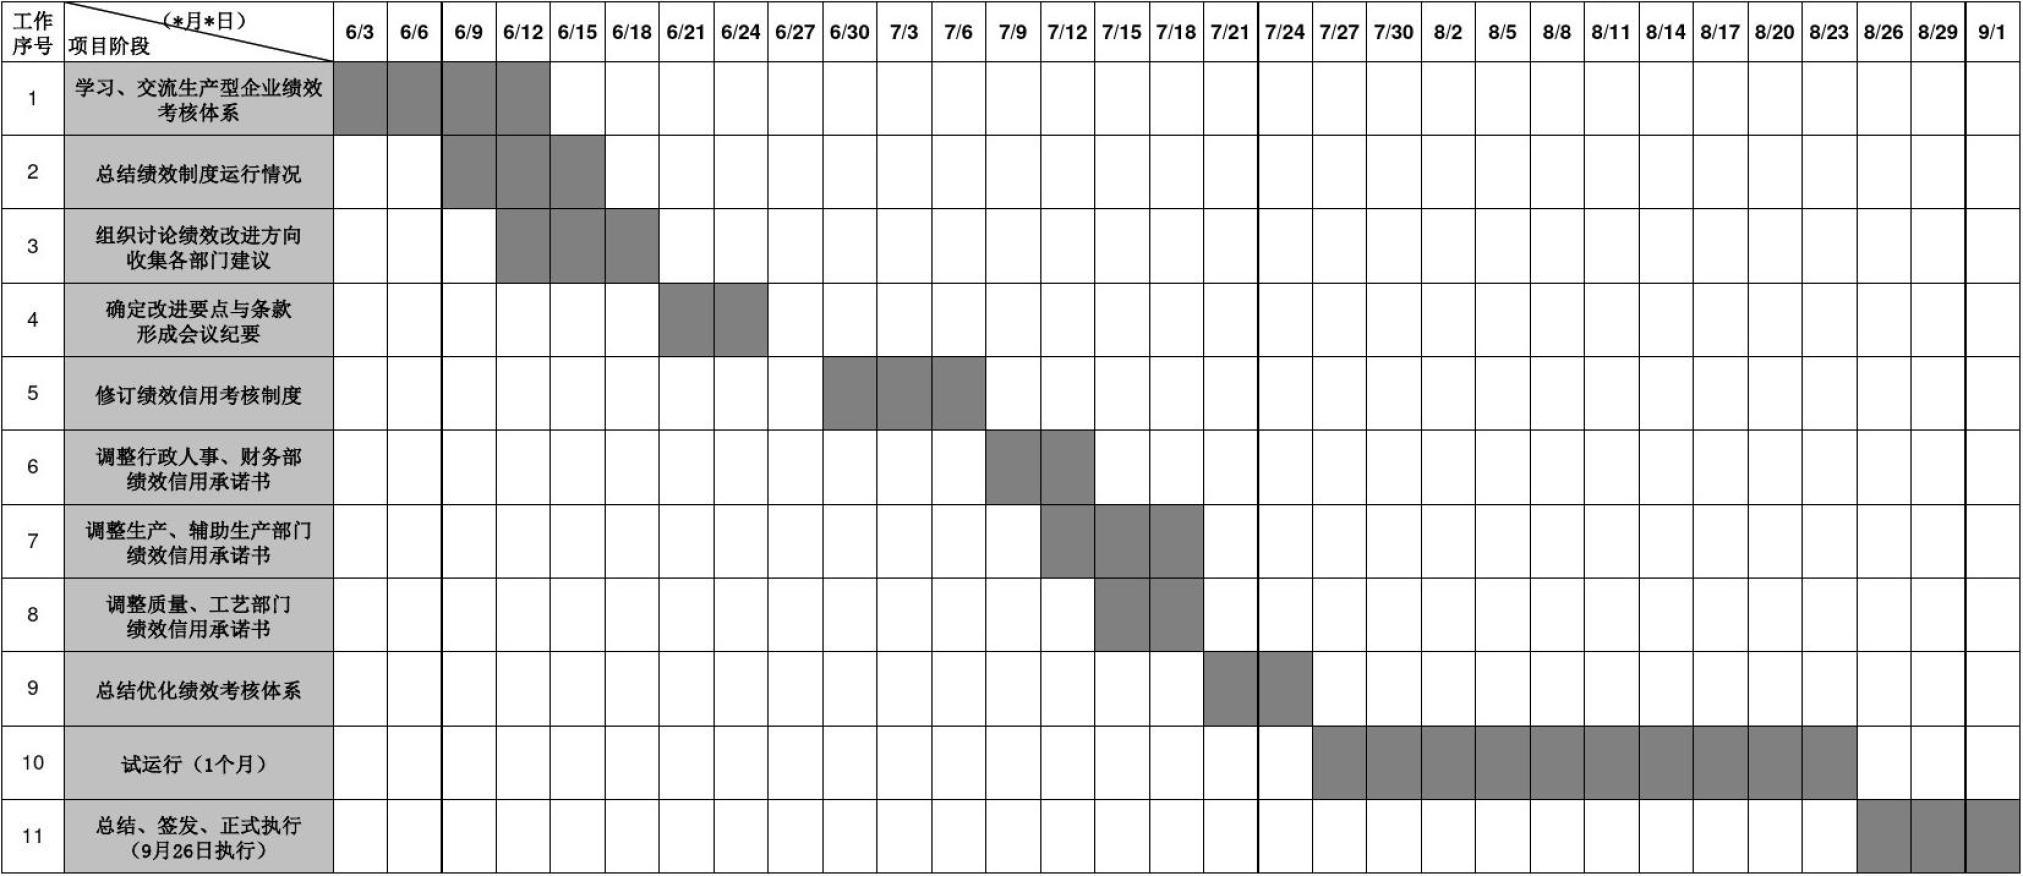 待遇优化绩效芭进度表(甘特图)插项目和平面设计师画师图片